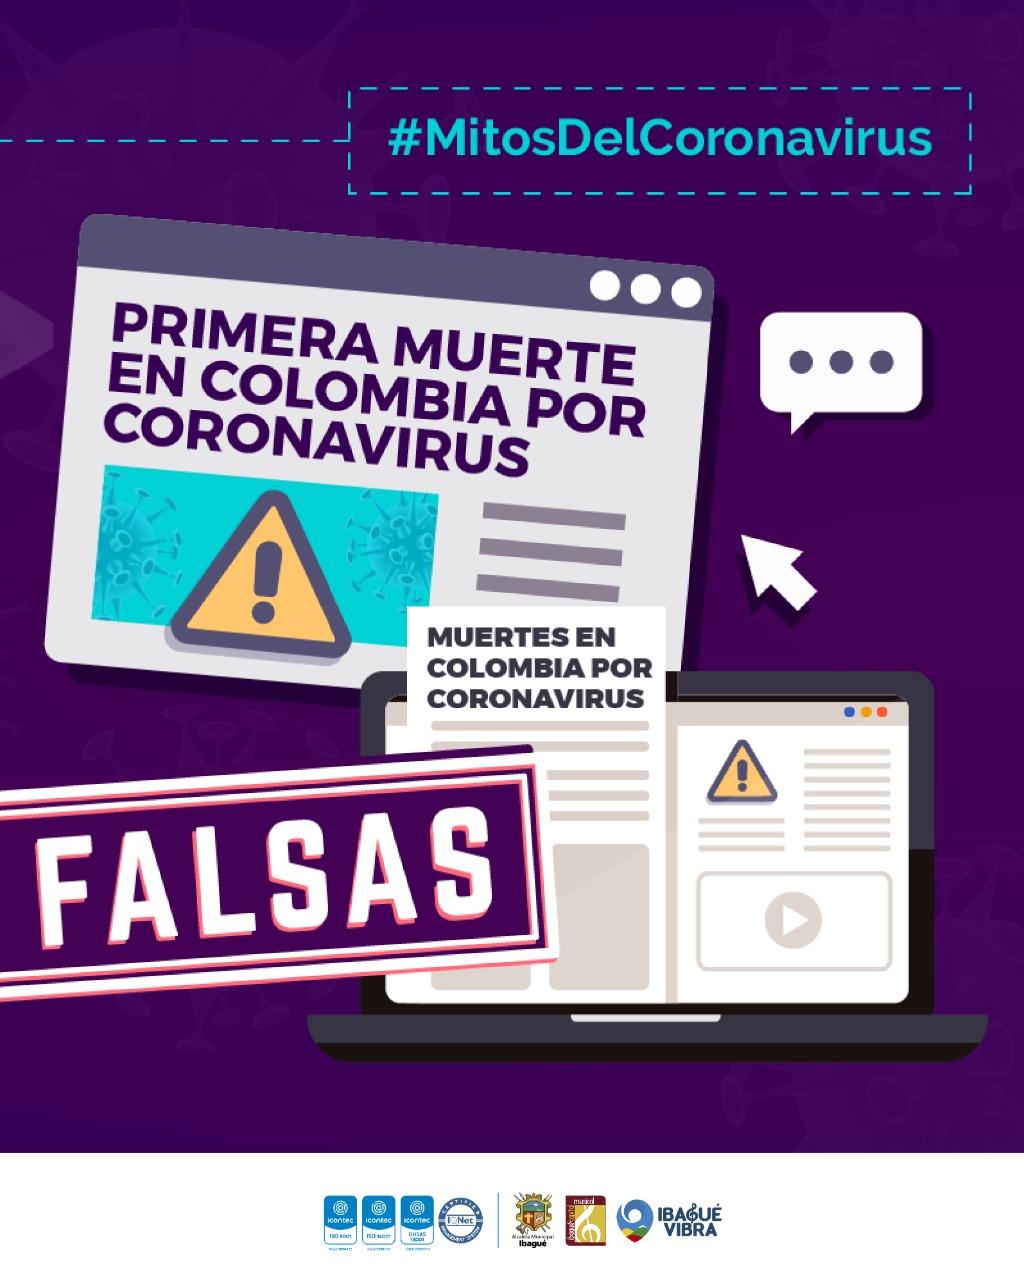 Recomendaciones especiales para prevenir el Coronavirus 2